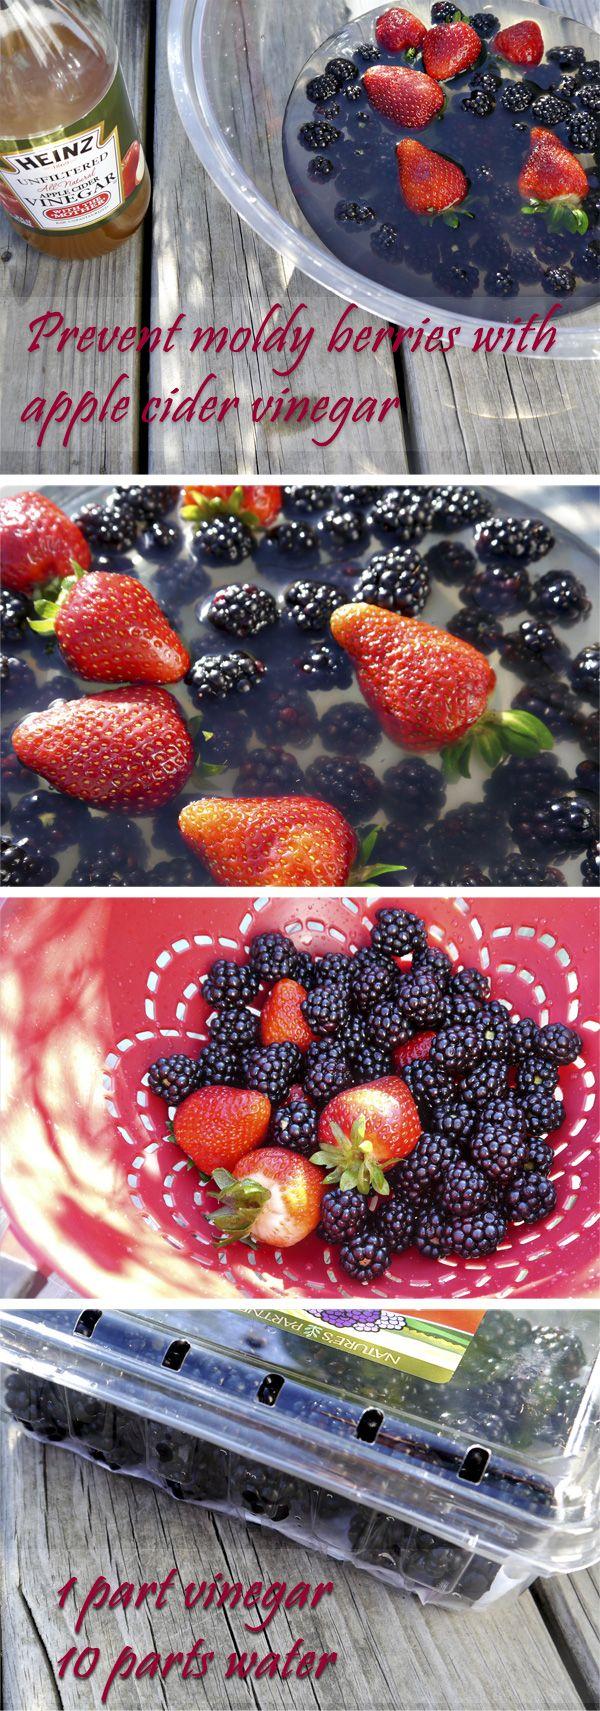 Heinz Apple Cider Vinegar wash to keep berries mold-free #HeinzVinegar #sponsored @Heinz Vinegar